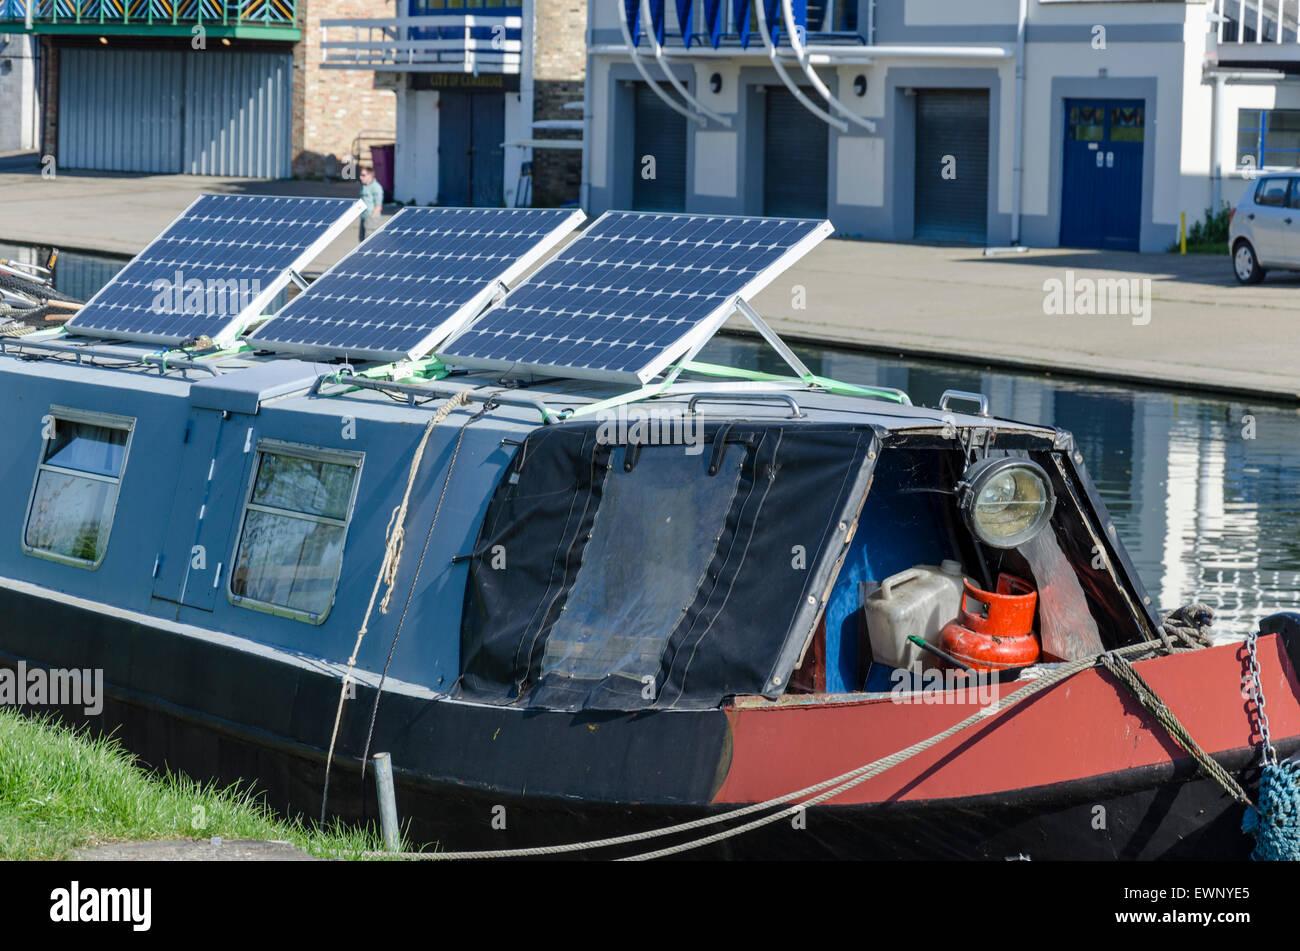 Des panneaux solaires sur un bateau étroit sur la rivière Cam, Cambridge, Royaume-Uni Photo Stock